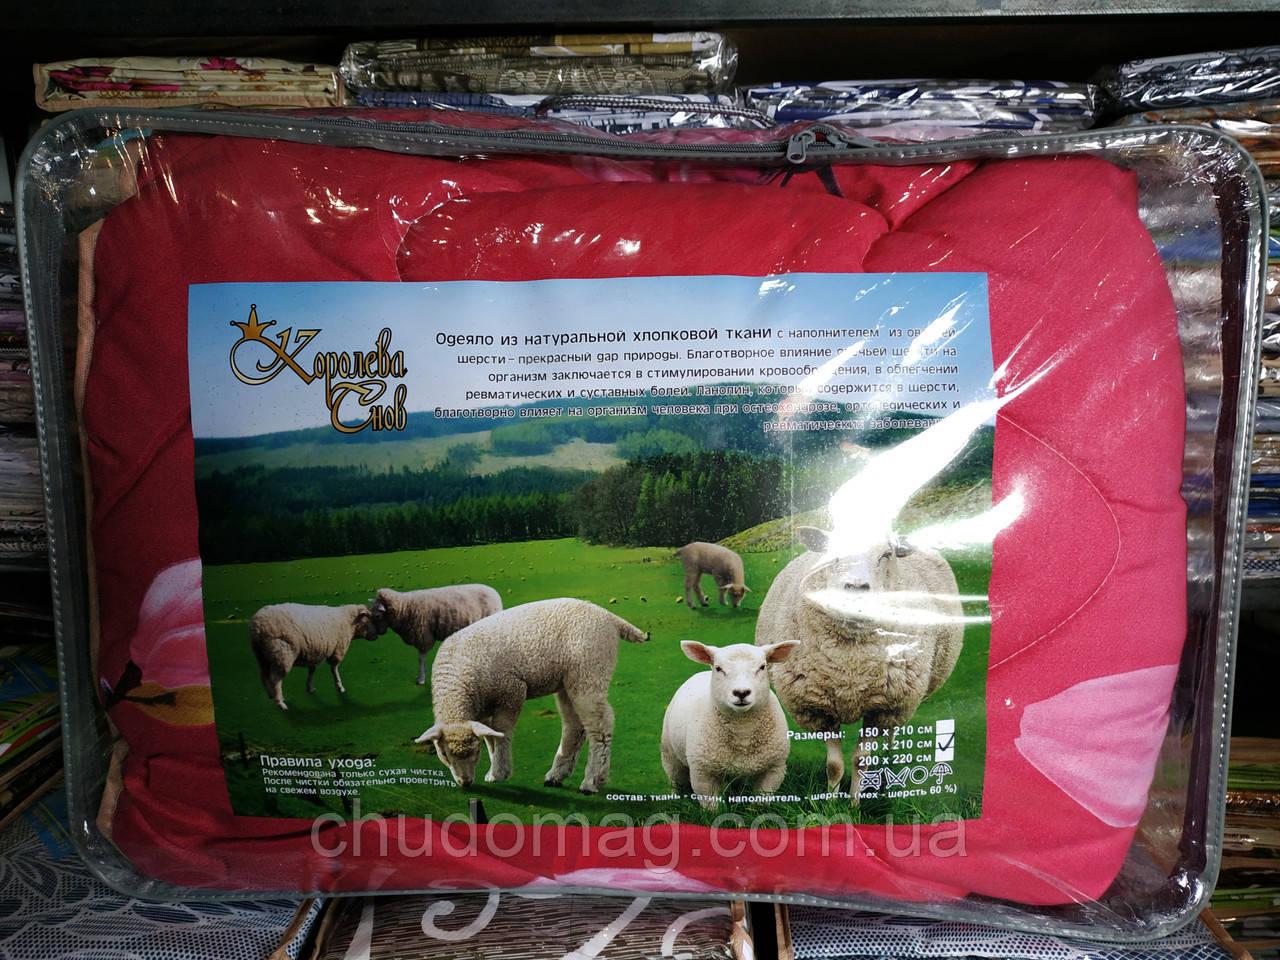 """Одеяло полуторное """"Королева снов"""" овечья шерсть чехол сатин, 150х210см, расцветка в ассортименте"""